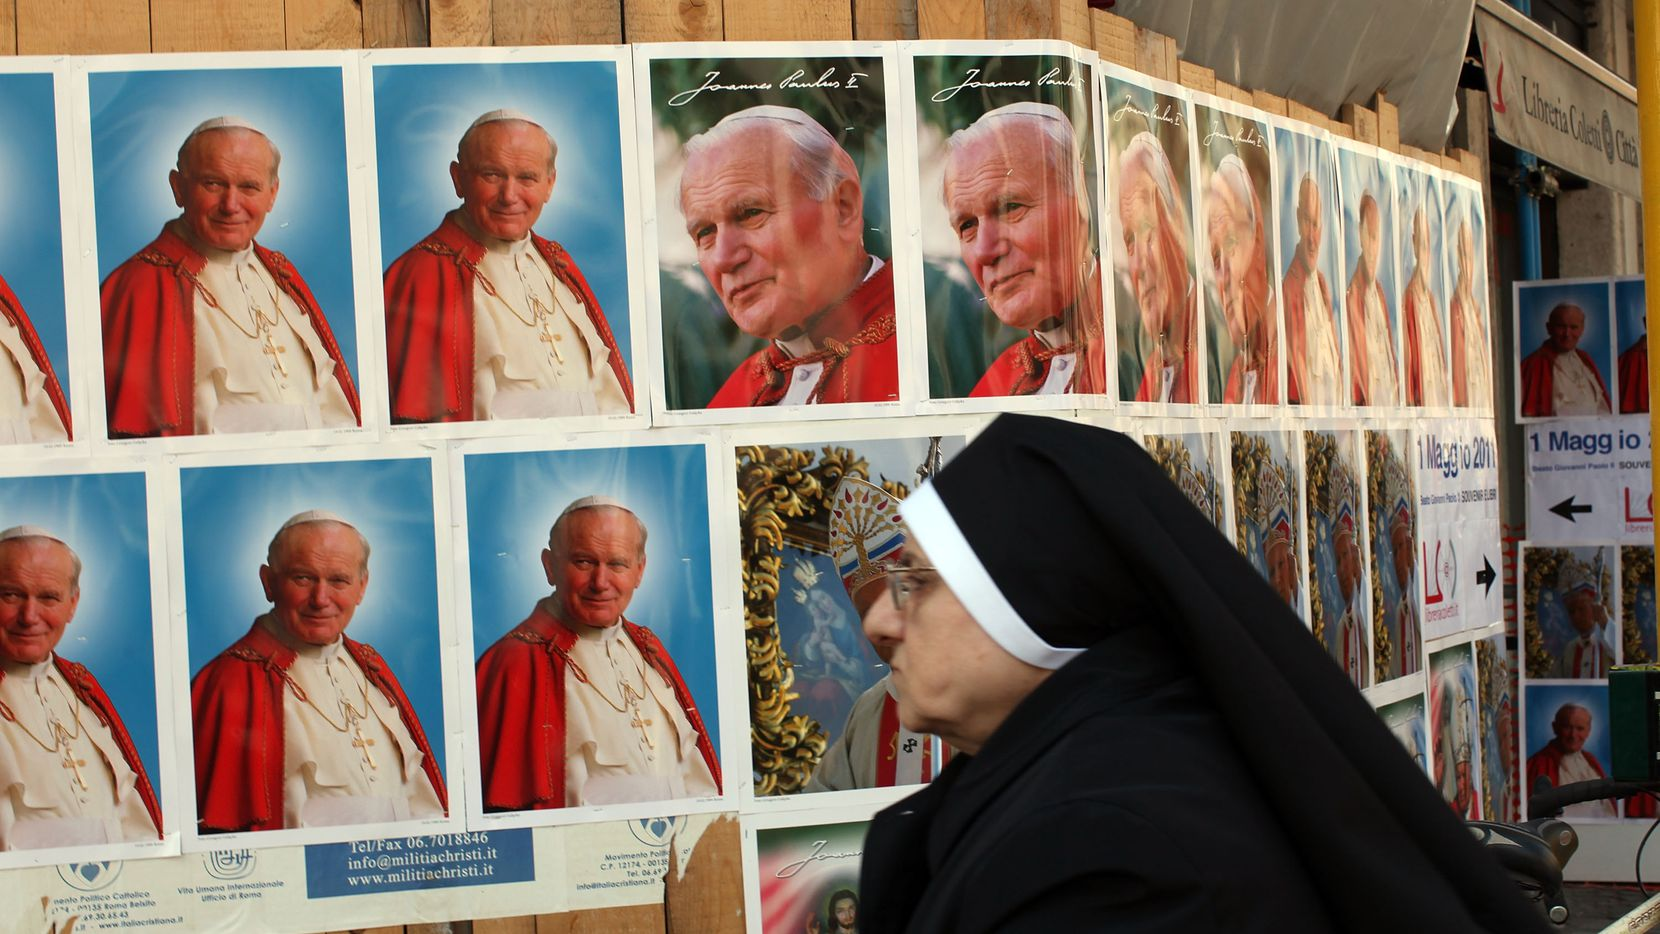 Una monja observa rótulos con la imagen del Papa Juan Pablo II, durante las ceremonias de beatificación en abril de 2011 en El Vaticano.